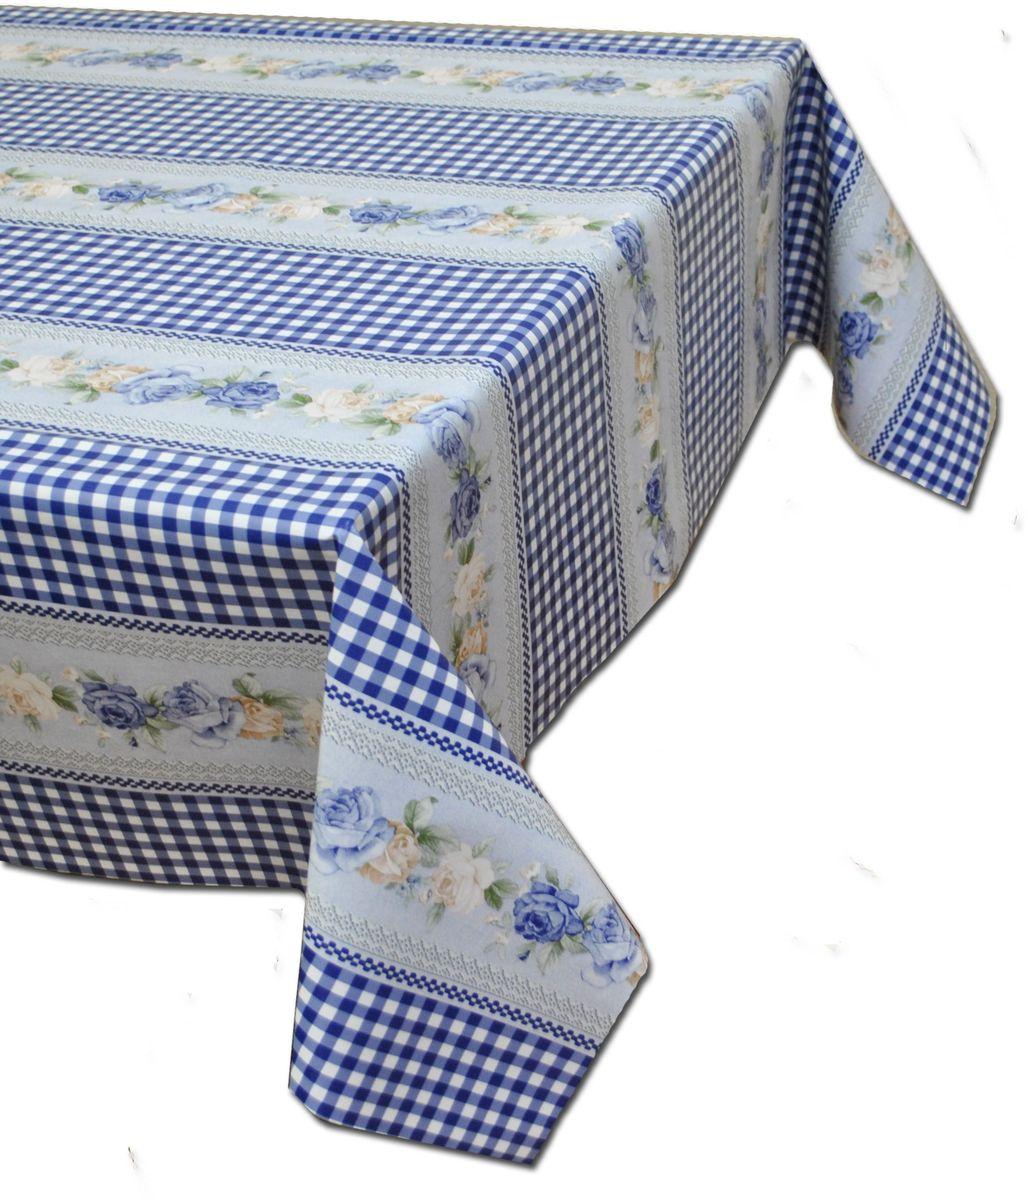 Столовая клеенка LCadesi Florista, прямоугольная, 140 х 200 см. FL140200-018-02FL140200-018-02Столовая клеенка Florista с классическим дизайном украсит ваш стол и защитит его от царапин и пятен. Благодаря основе из нетканого материала не скользит по столу. Клеенка не имеет запаха и совершенно безопасна для человека.